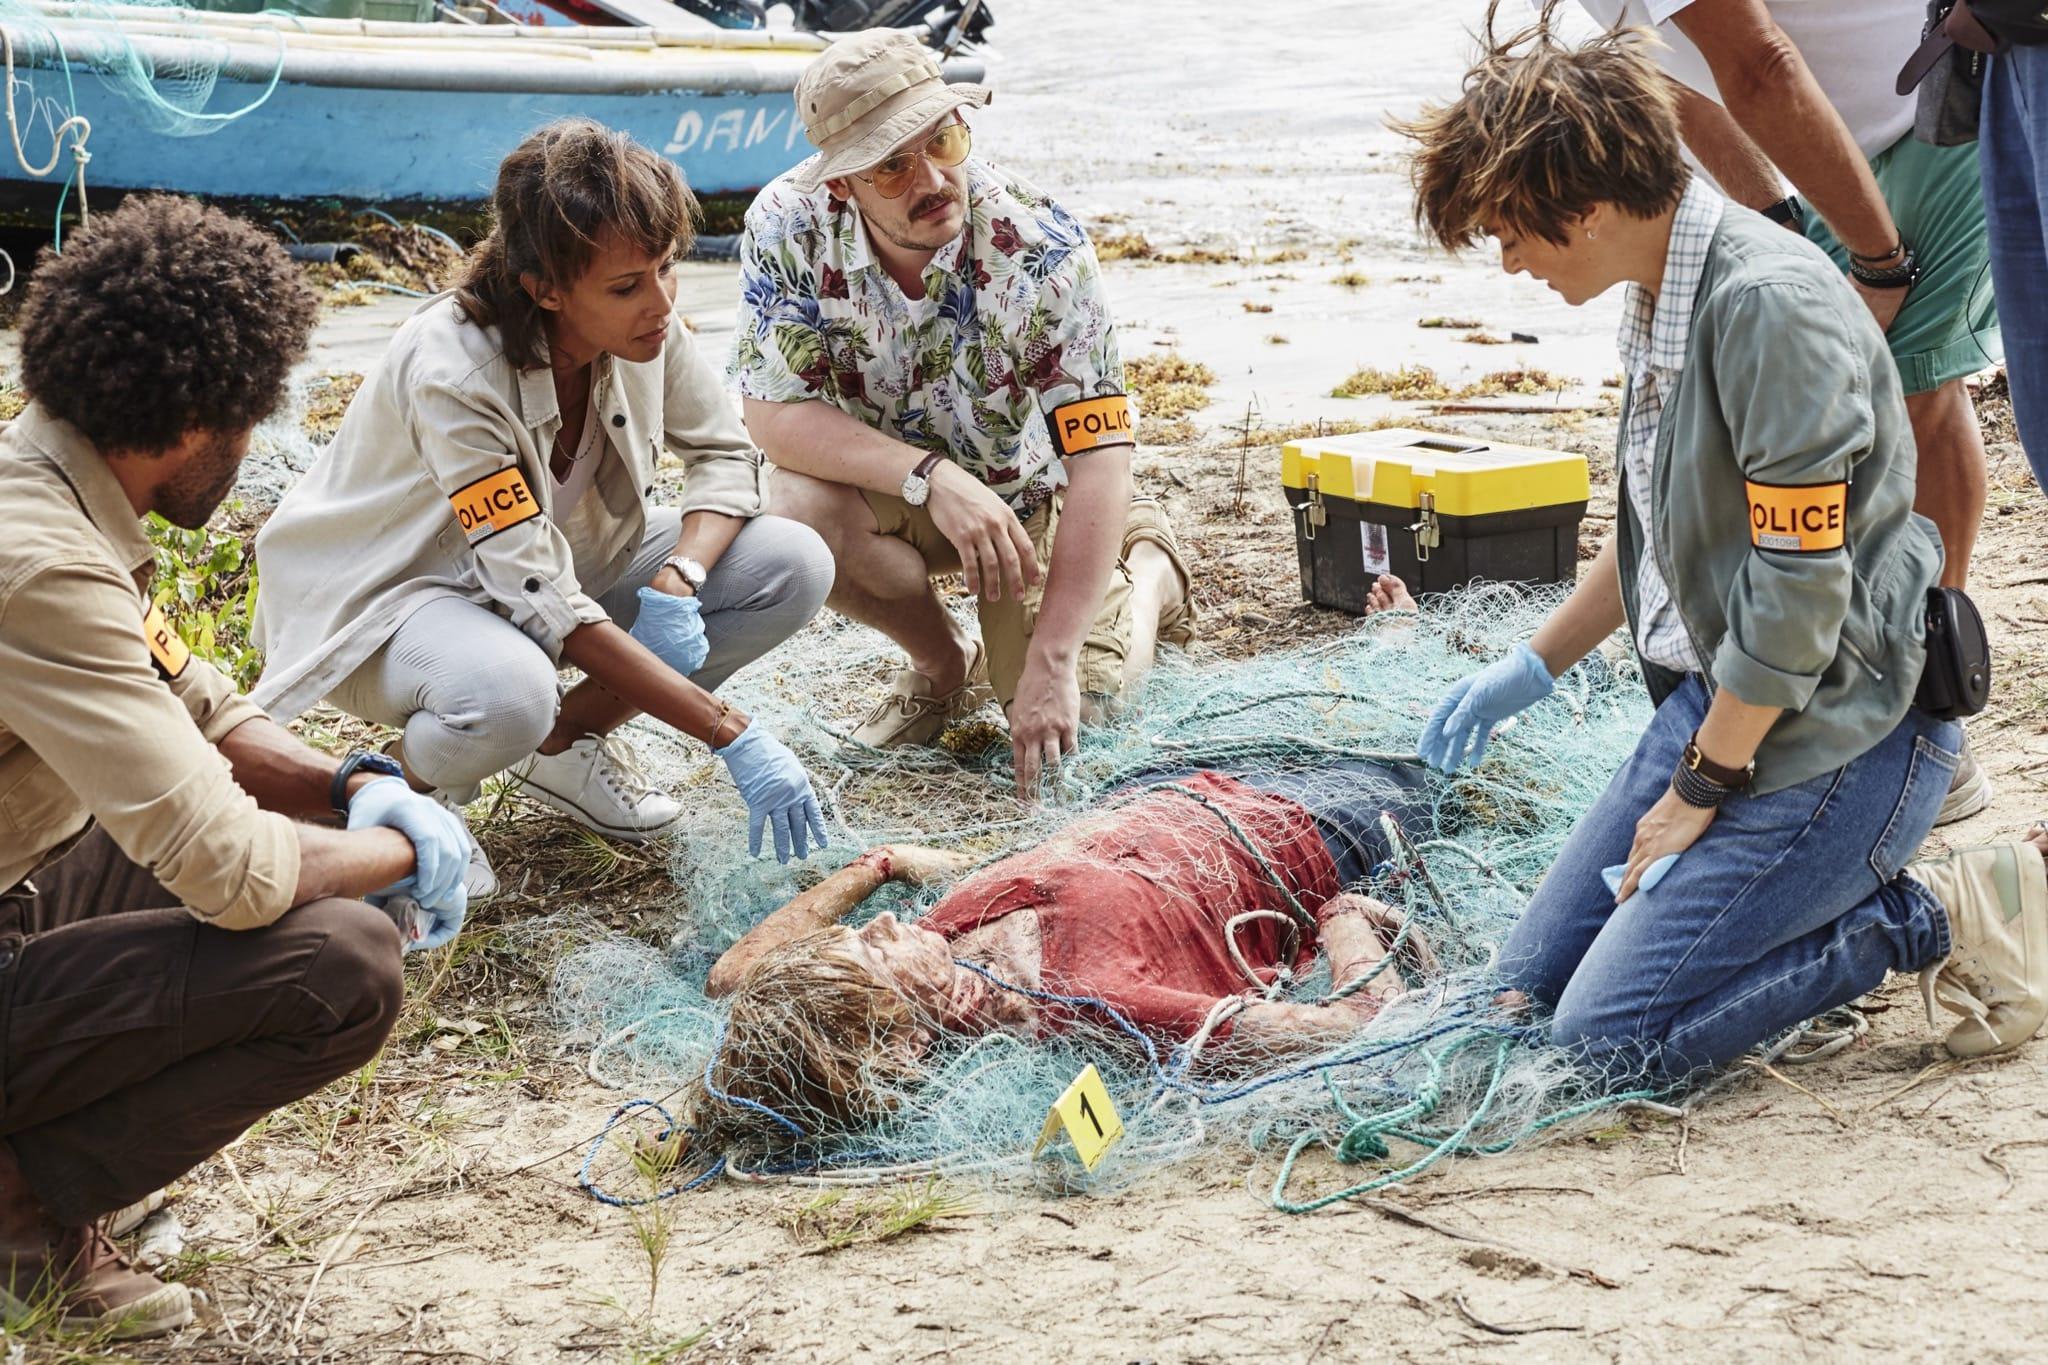 Tropiques criminels saison 1 image série télé